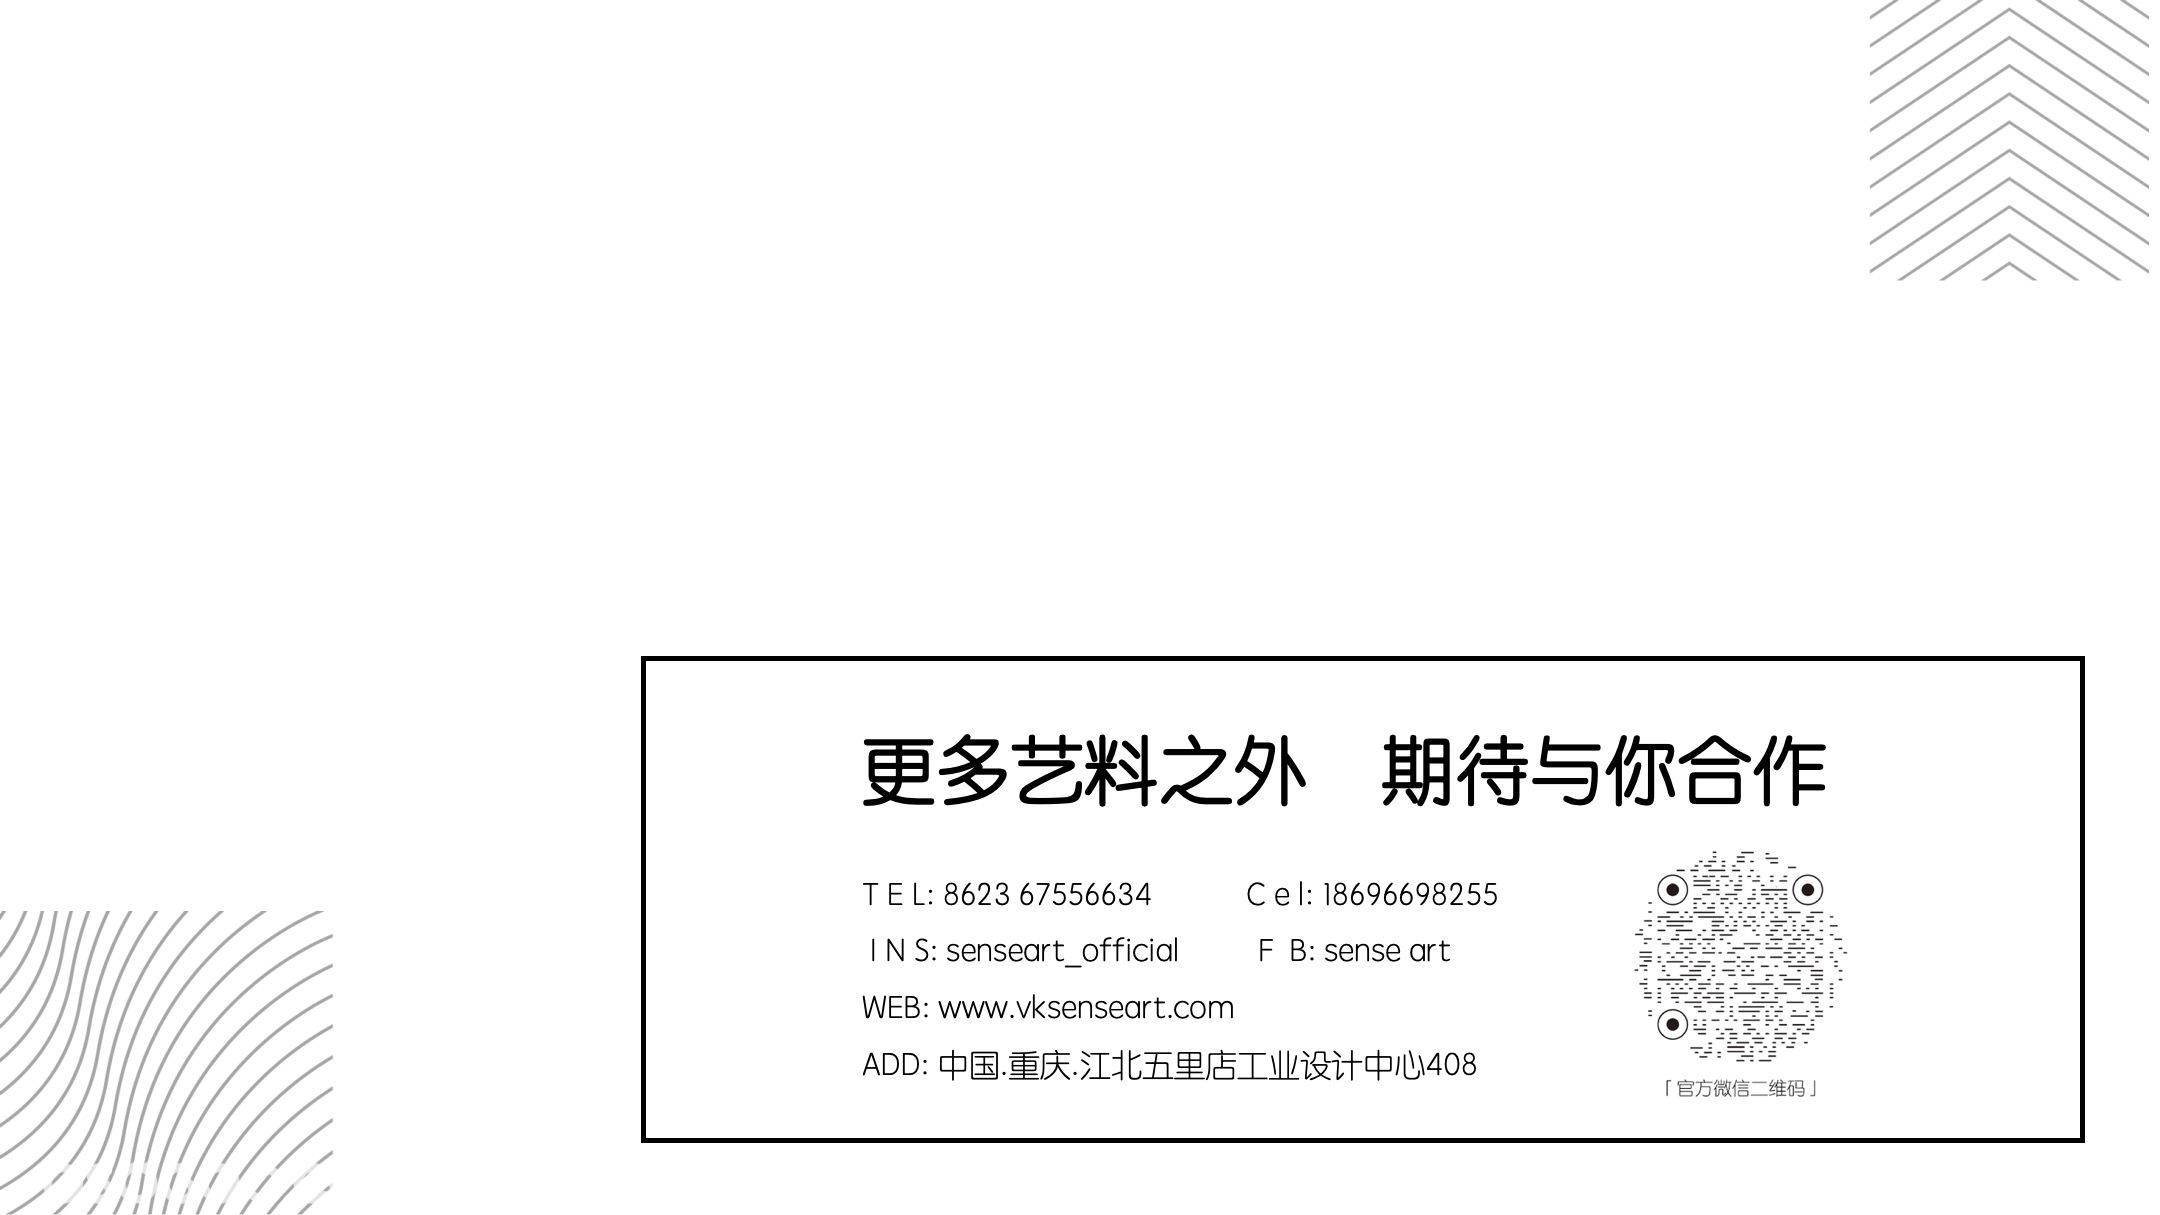 法国洛可可服饰艺术臻品展【瑰丽凡尔赛】——感映艺术出品